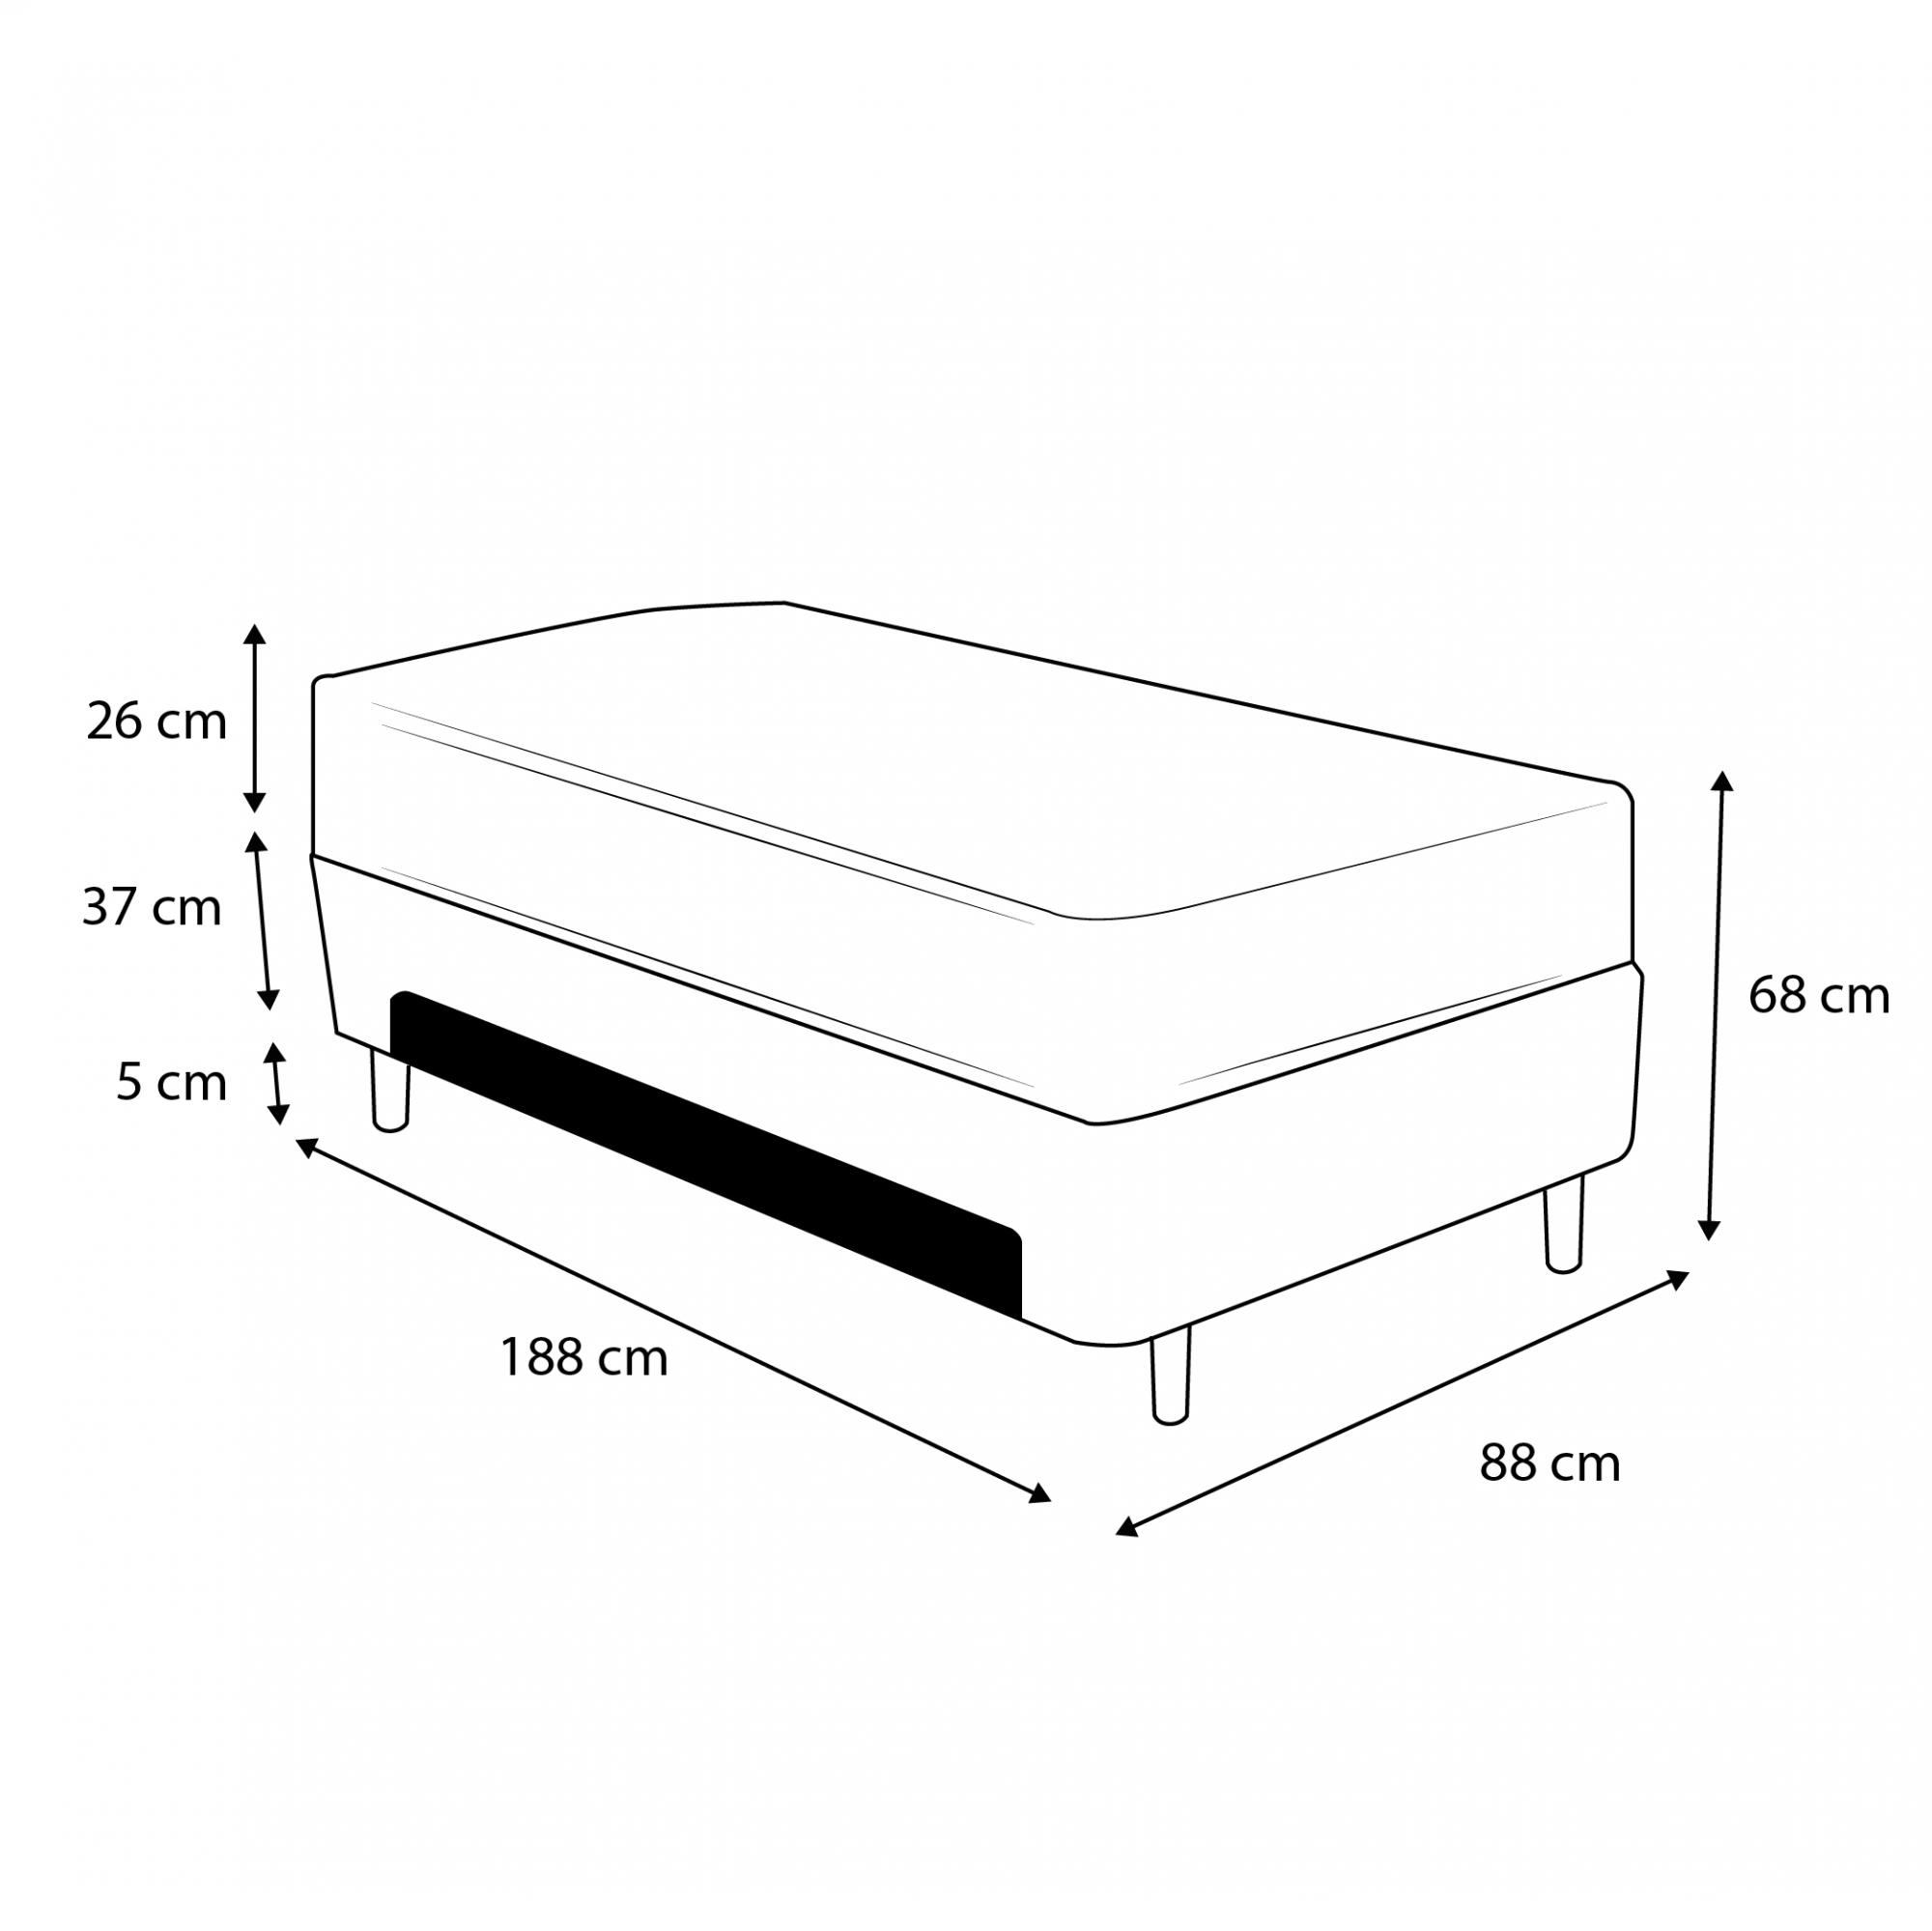 Cama Box Baú e Auxiliar Solteiro Preto + Colchão de Molas Ensacadas - Plumatex - Ilhéus - 88x188x68cm